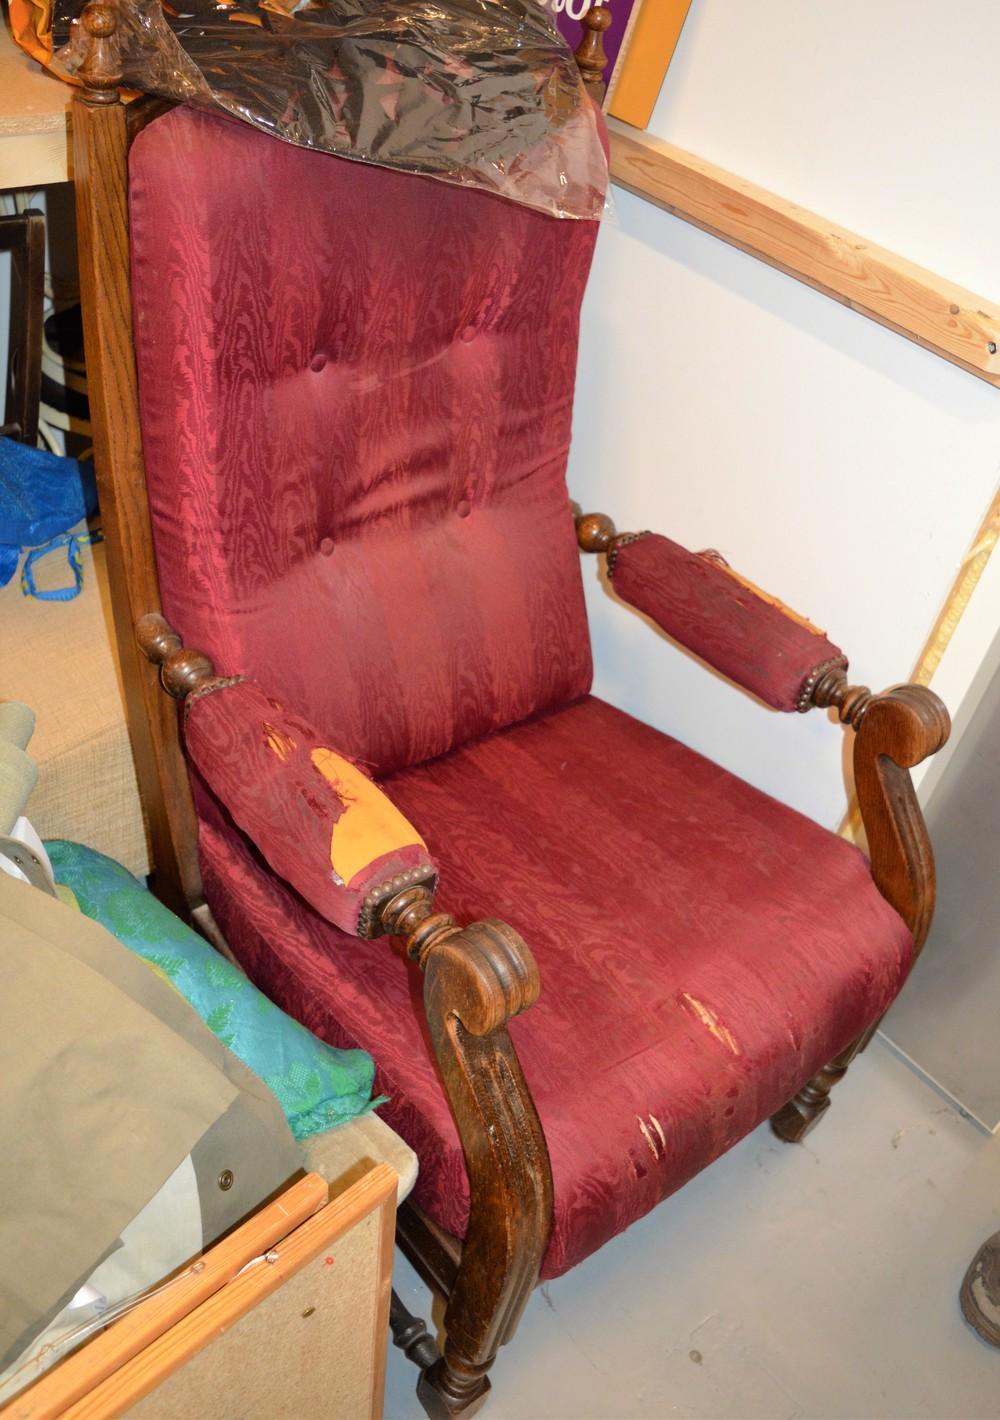 Verstaalla tekevät vielä ihmeitä tälle puhkikuluneelle tuolille